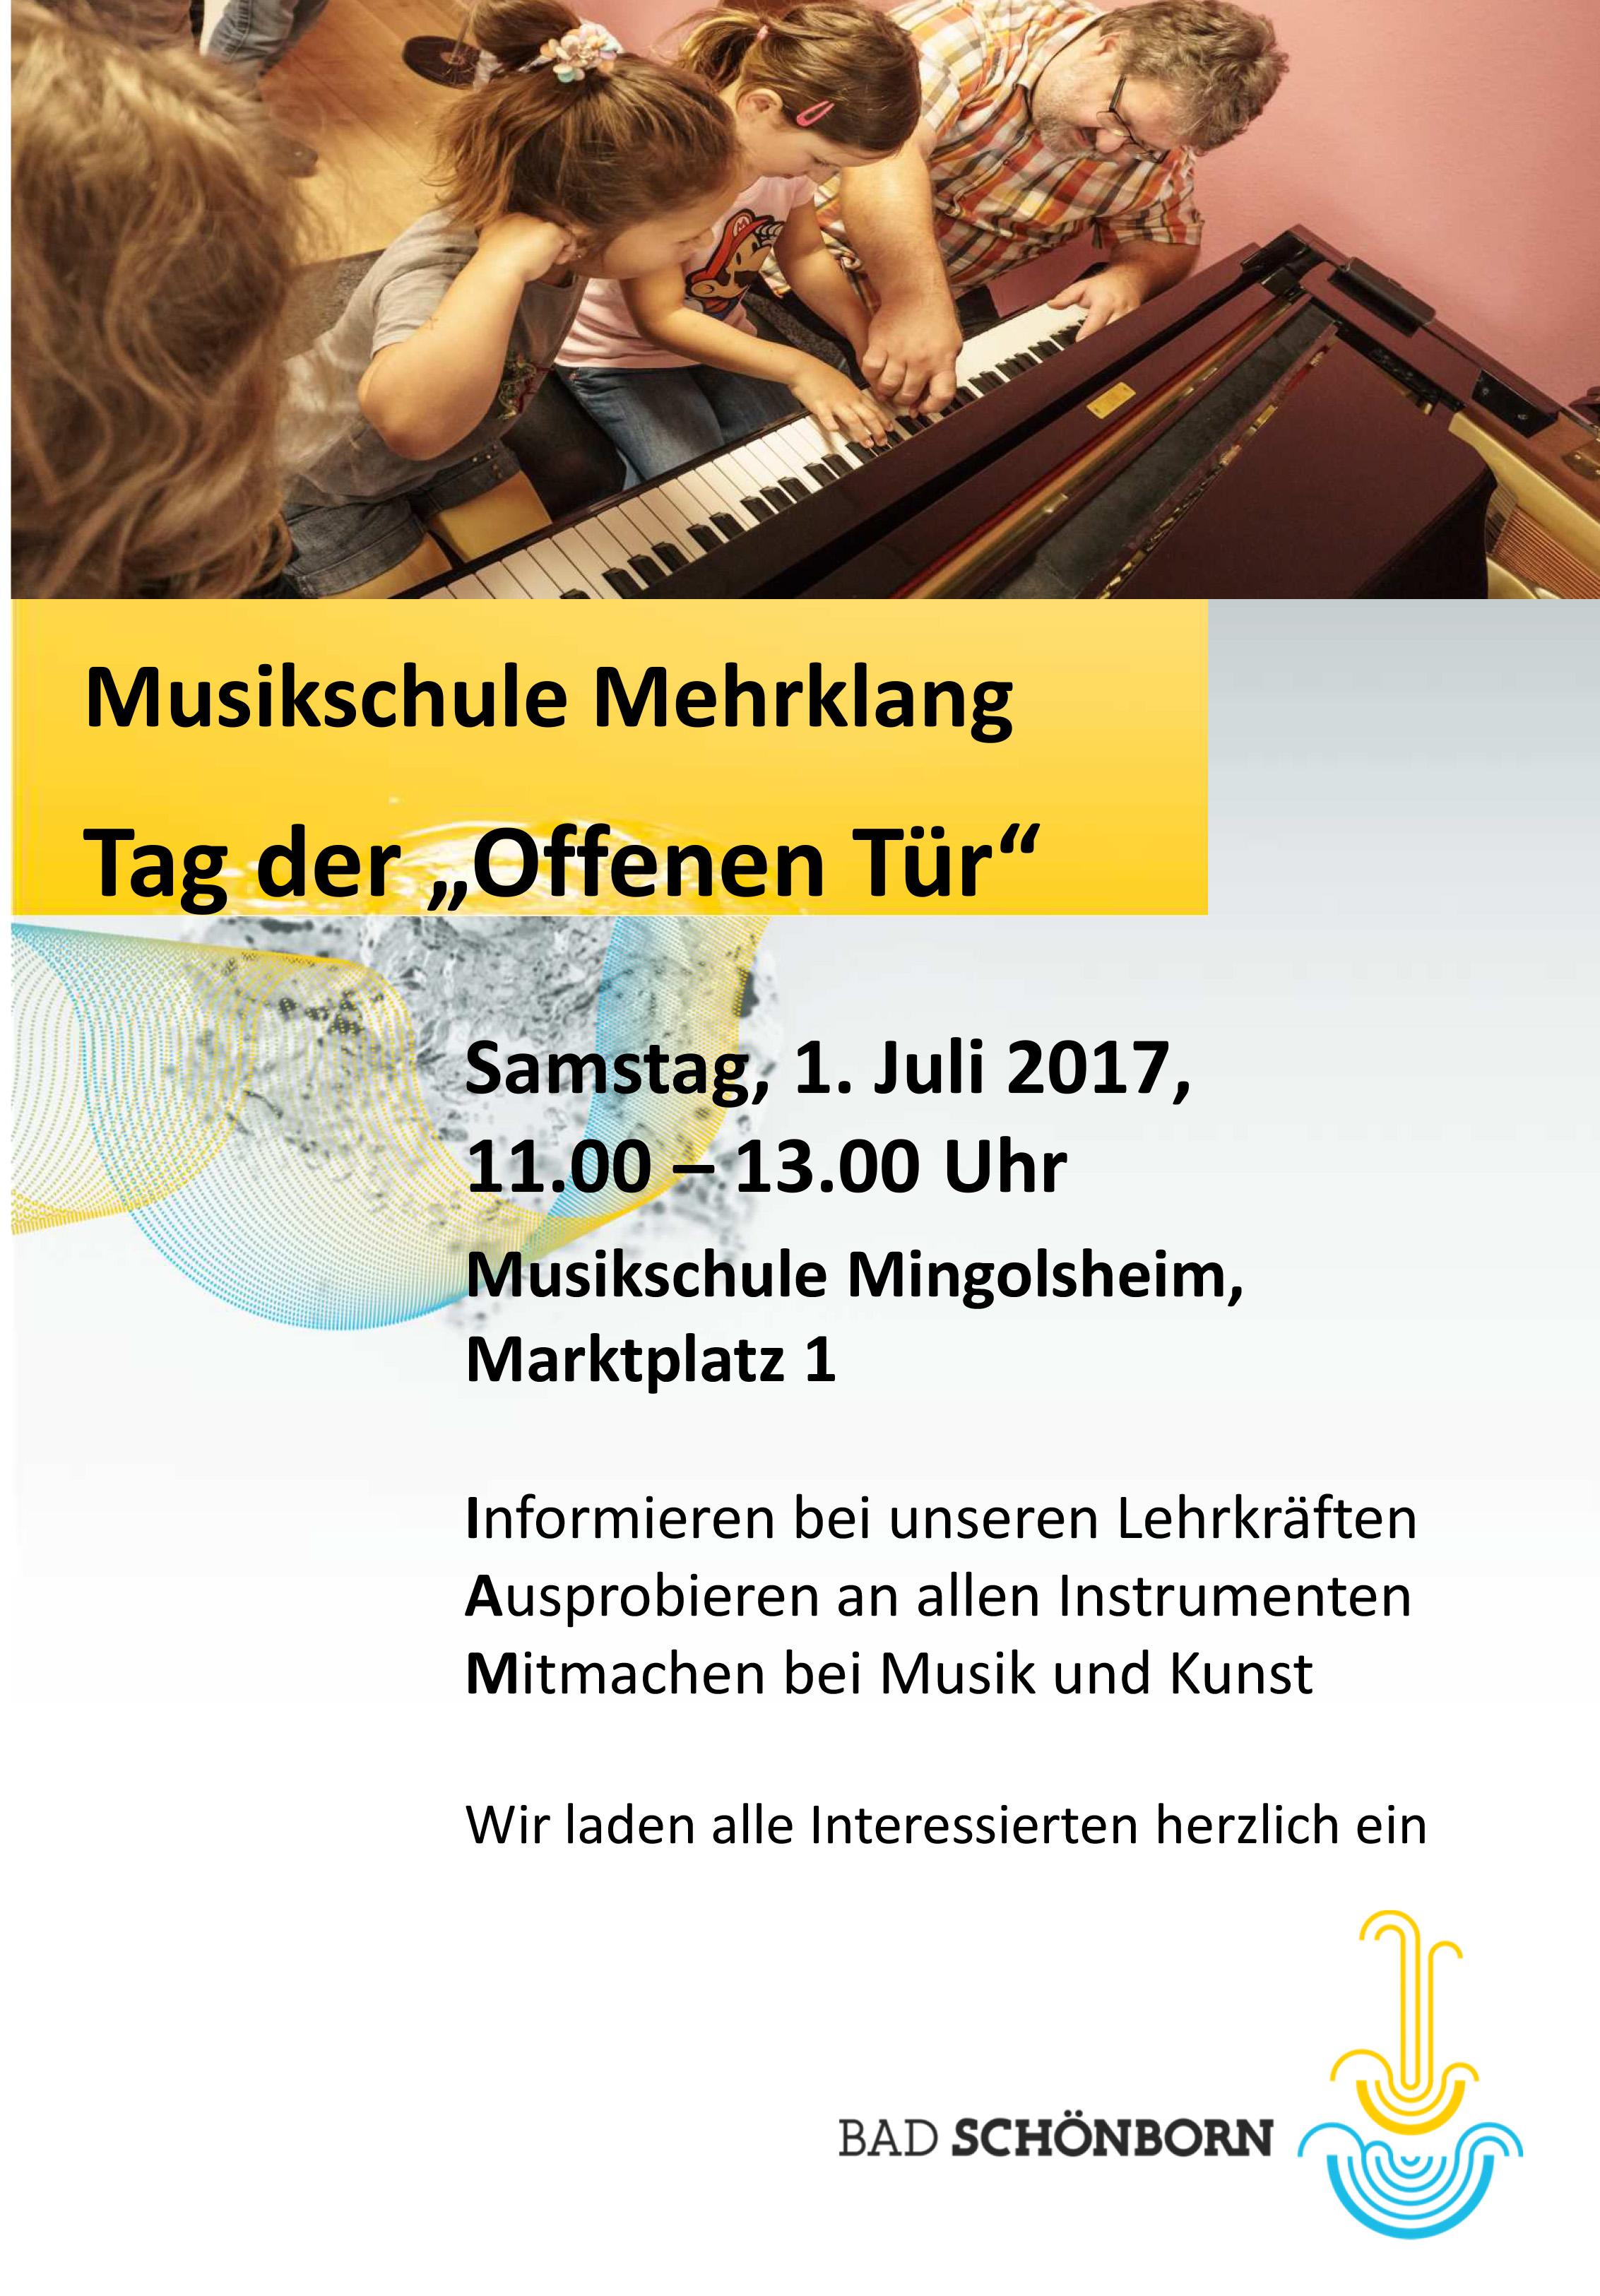 musikschule mehrklang bad-schönborn – herzliche einladung zum tag, Einladungen